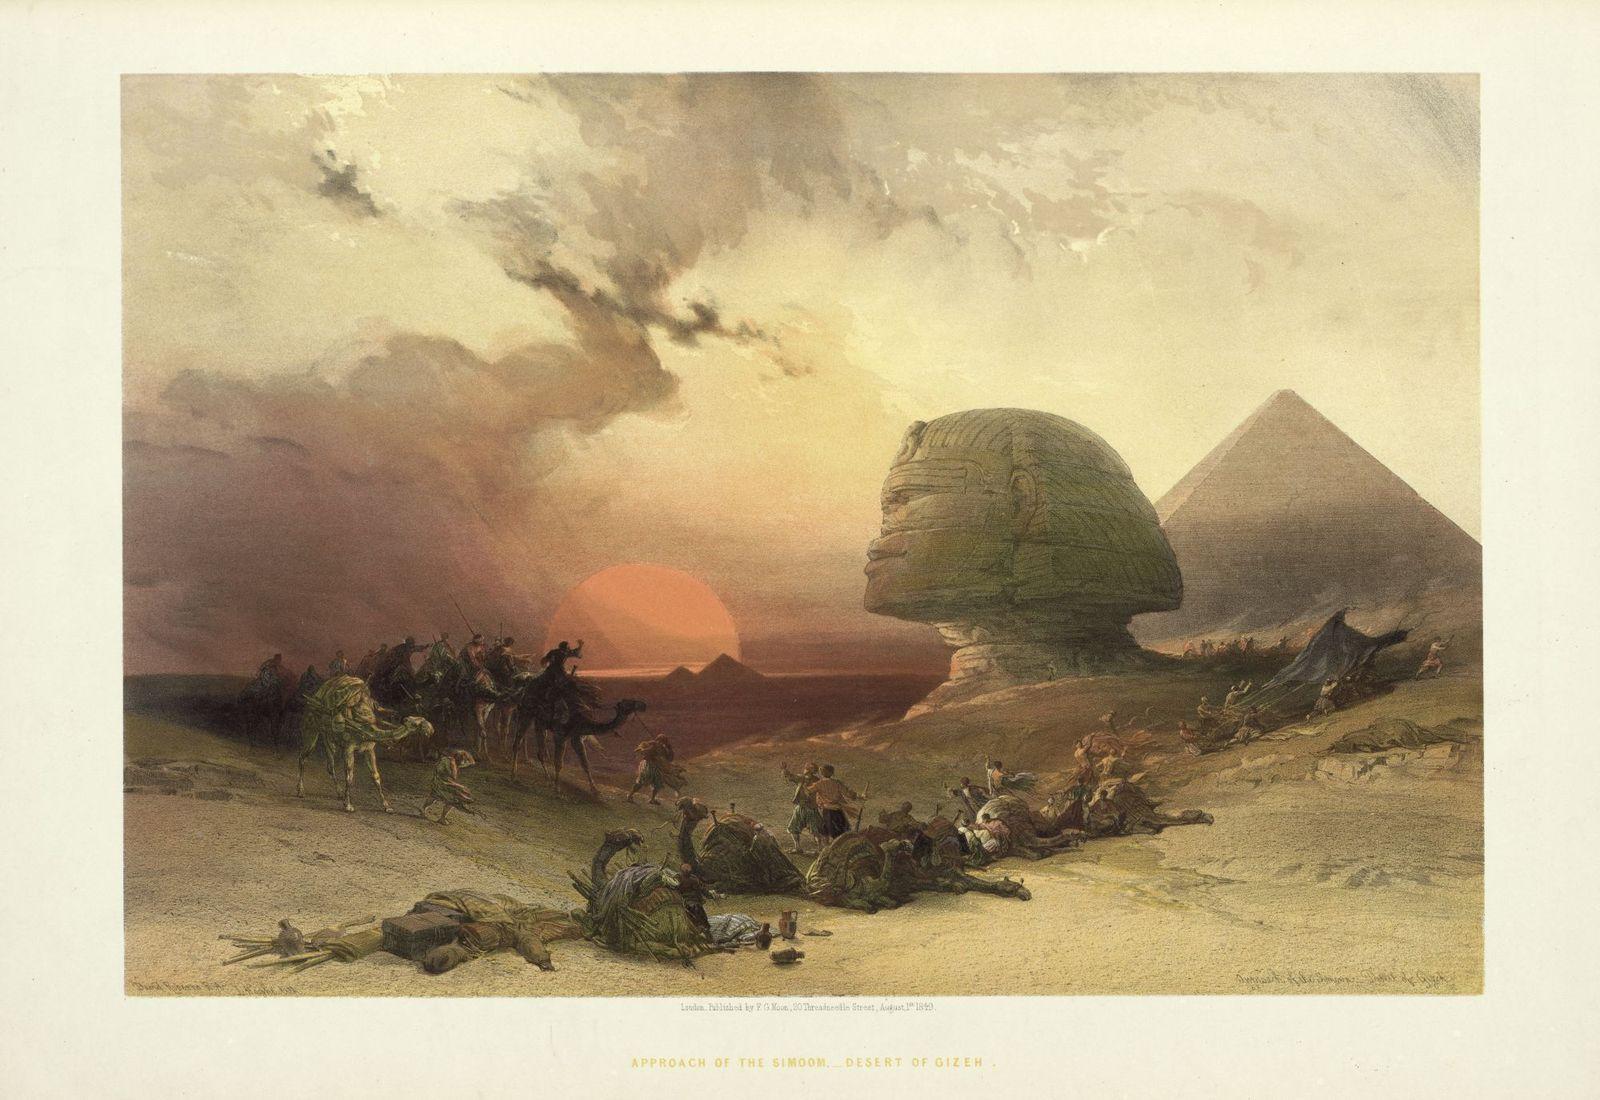 """Louis Haghe: """"Sphinx und Pyramide von Giza"""" oder """"Erinnerung an die Wüste von Giza bei aufziehendem Wüstensturm"""", 1849; Copyright:  bpk / Kunstbibliothek, SMB / Dietmar Katz"""